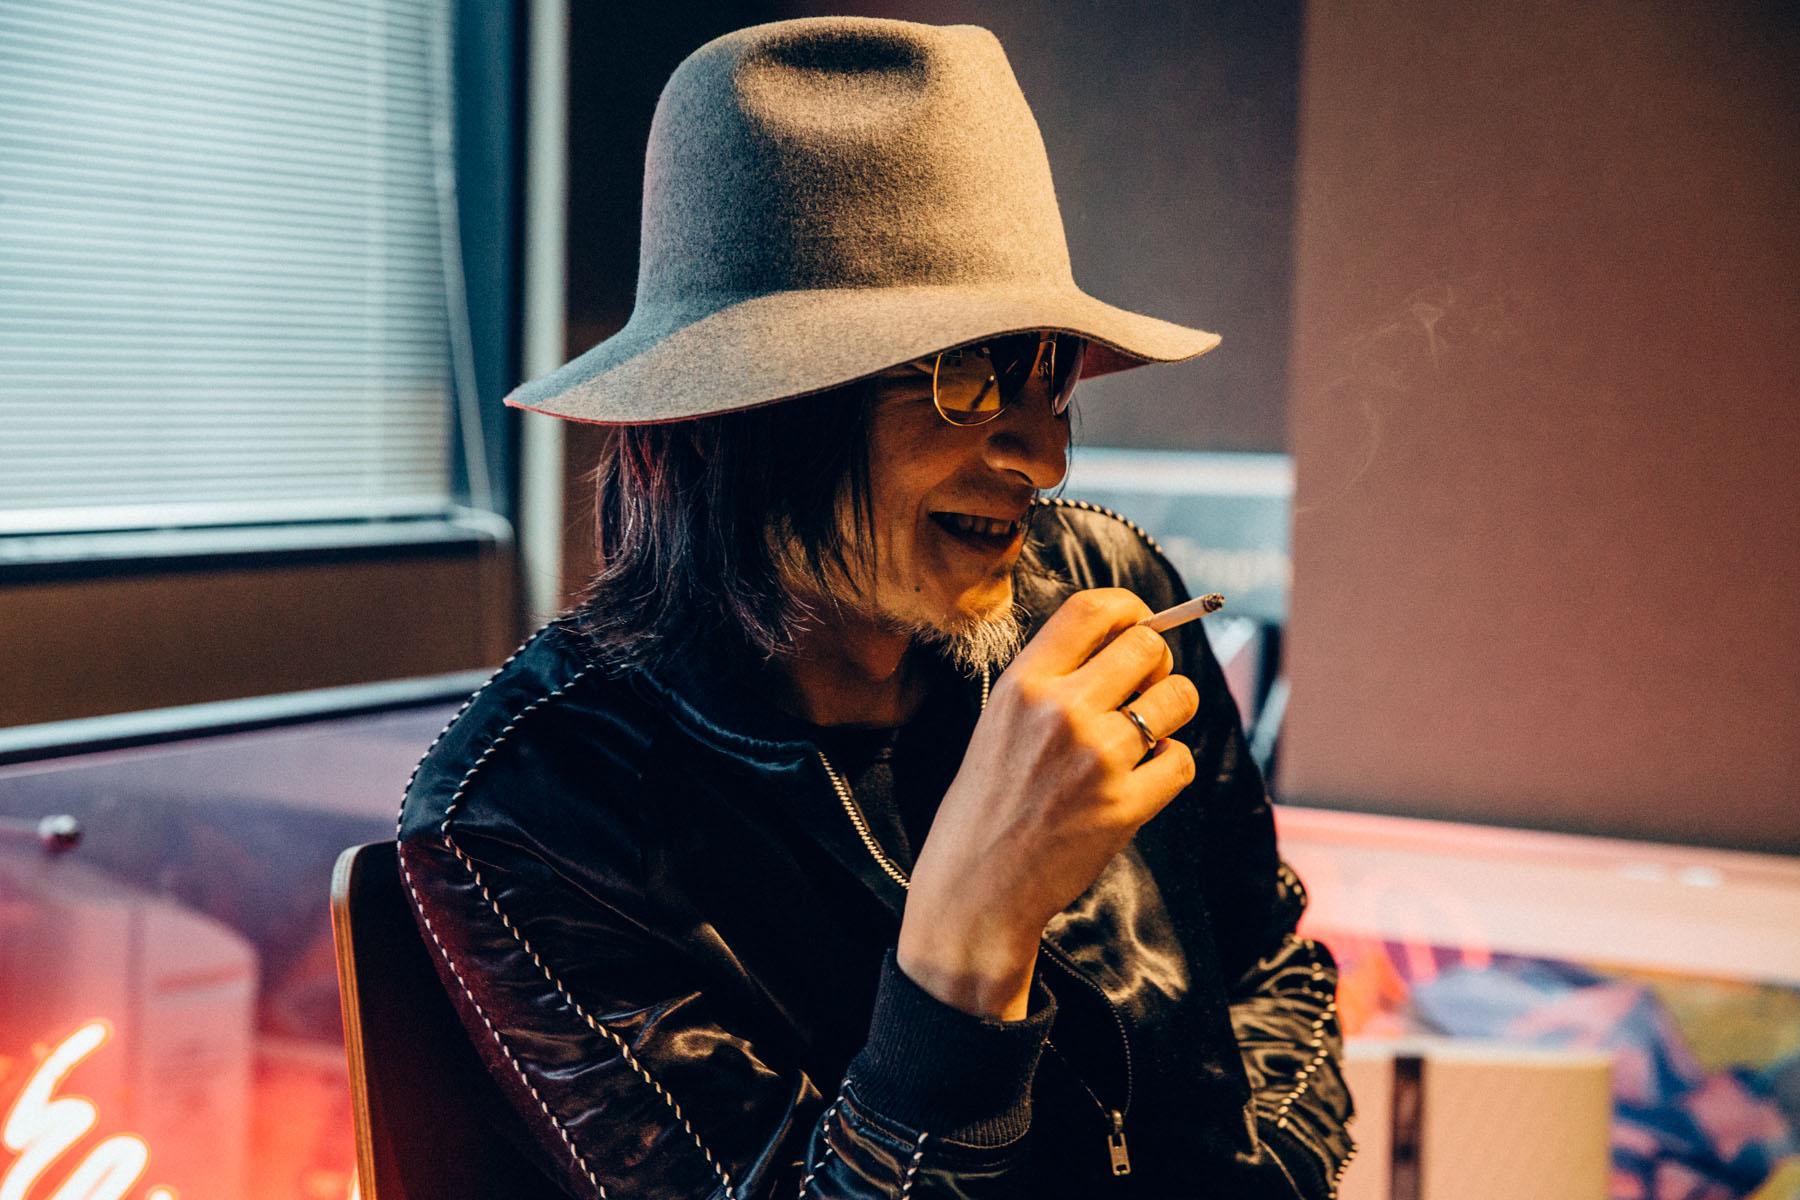 MG_4025 チバユウスケ、自身のフジロック出演歴から現在のフジロックの楽しみ方までを語る